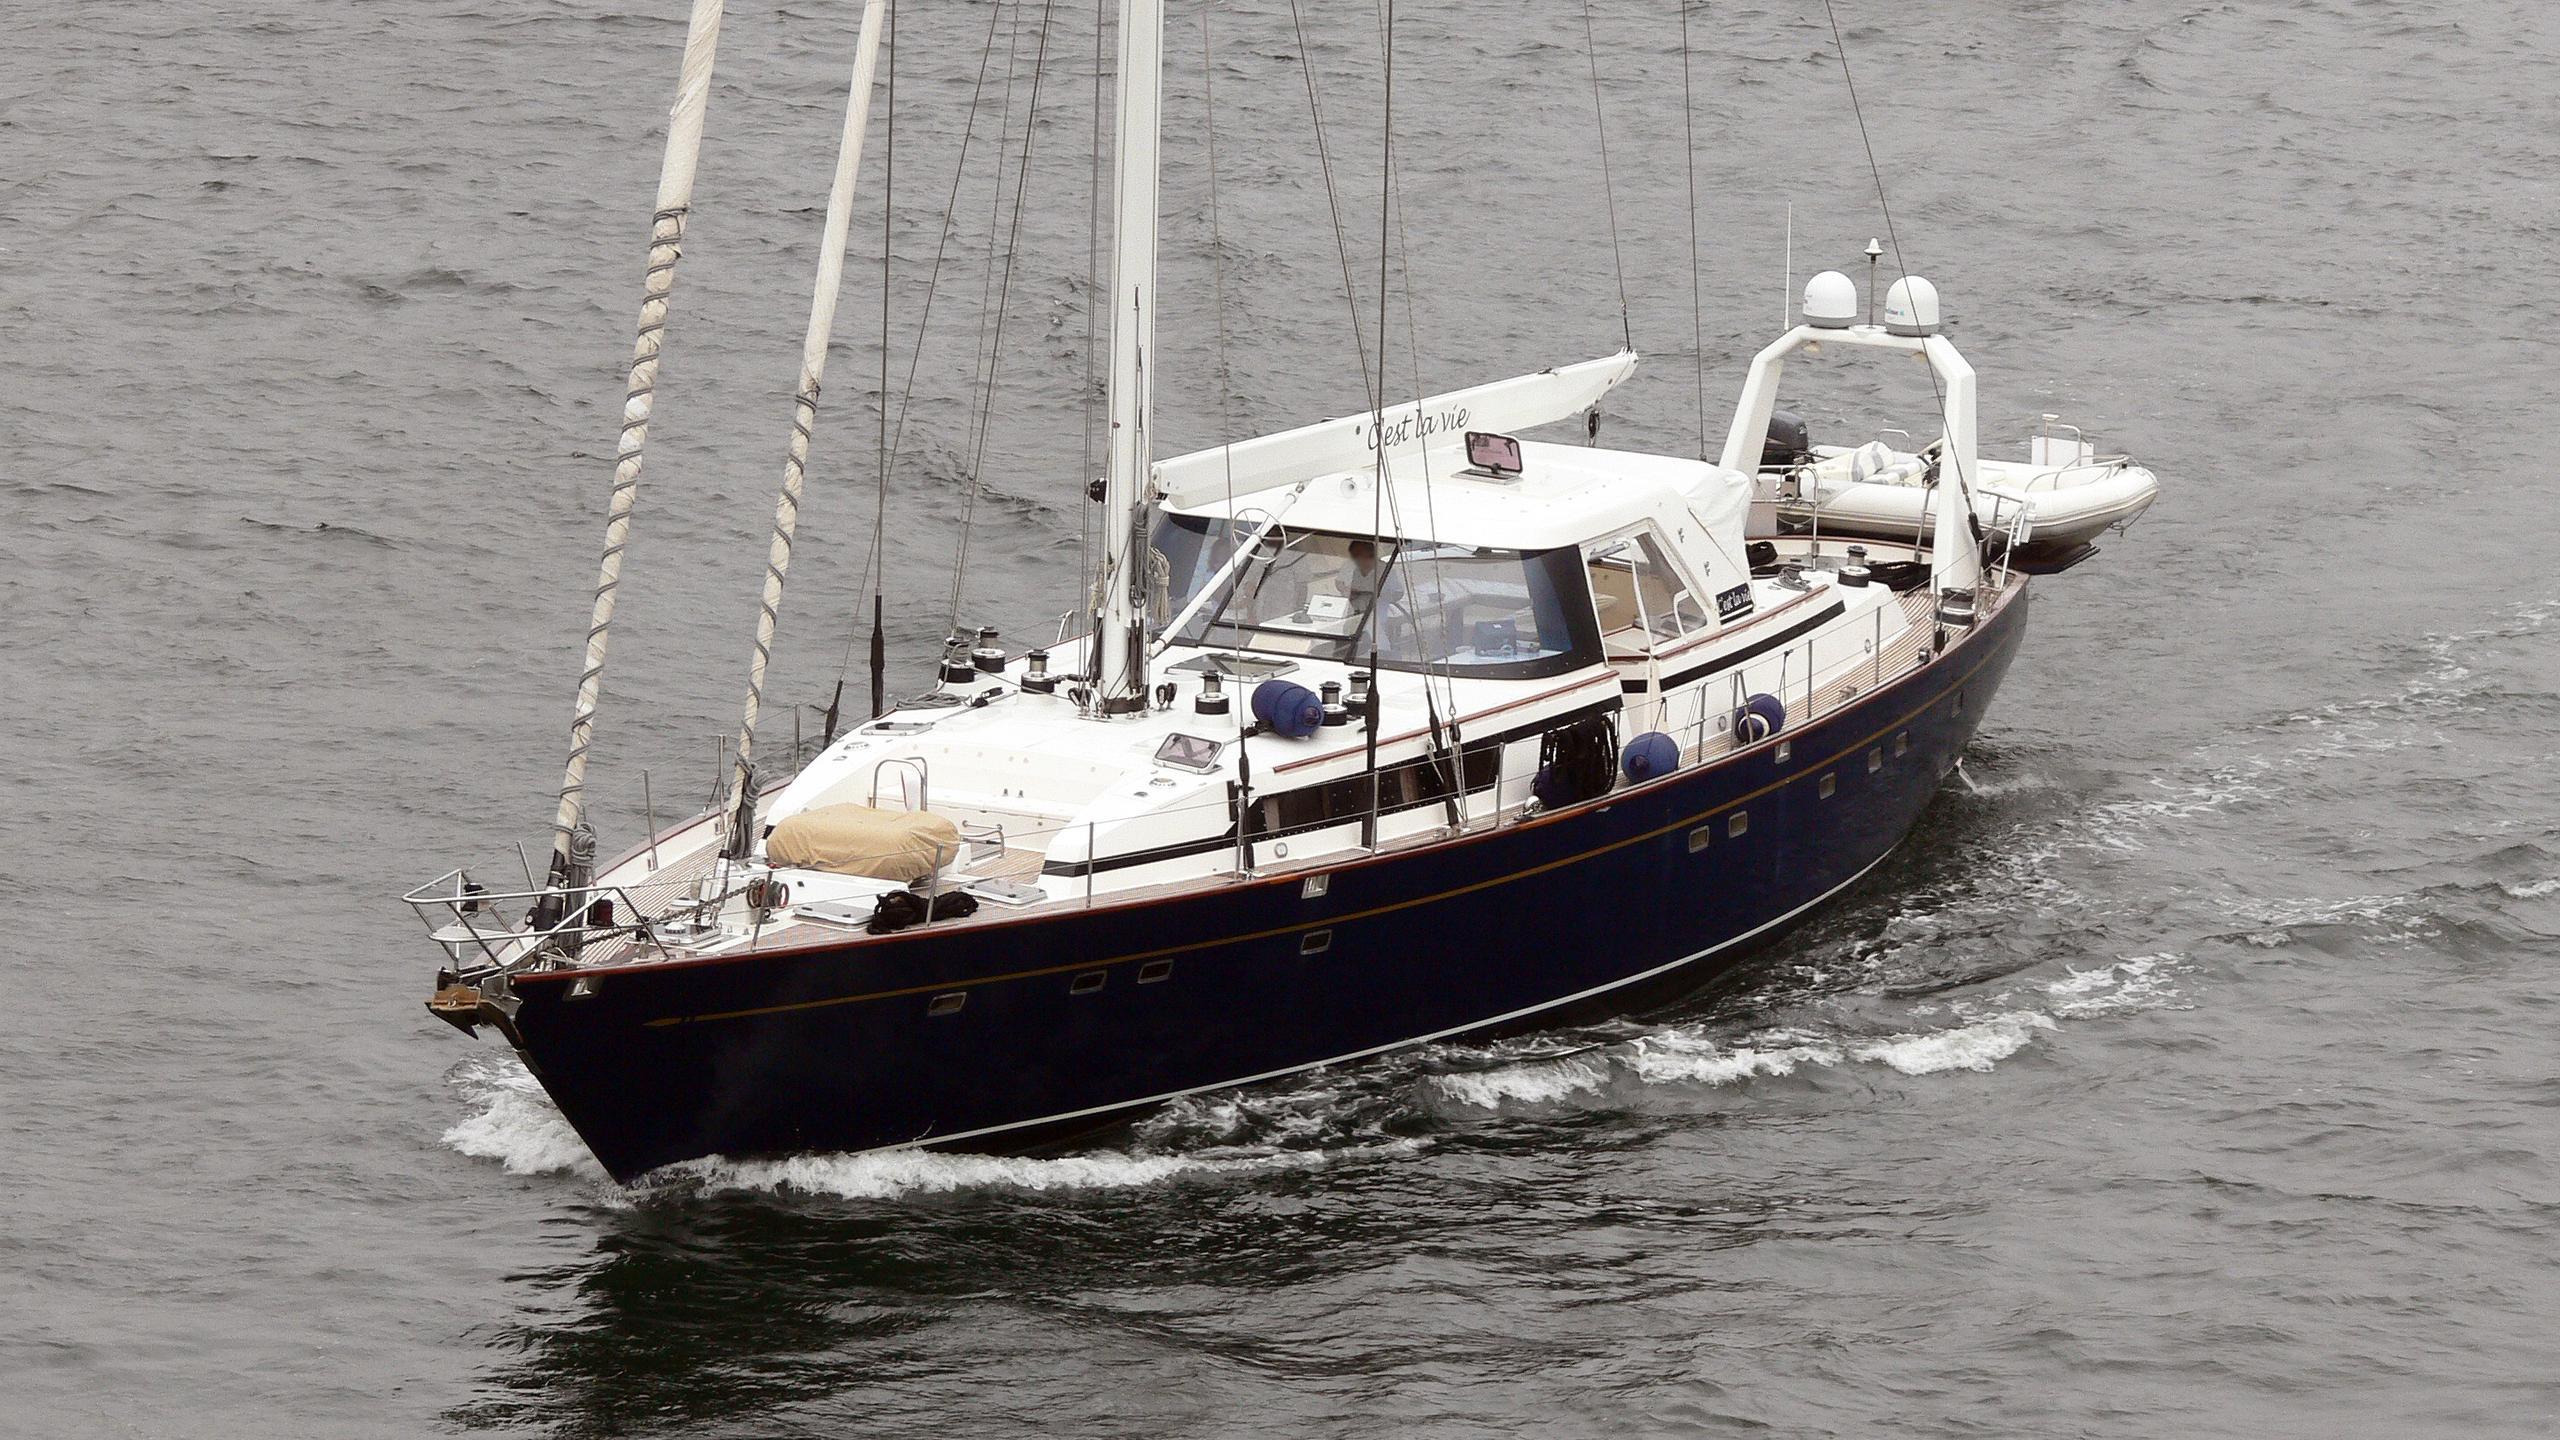 cest-la-vie-sailing-yacht-cim-maxi-88-1988-30m-aerial